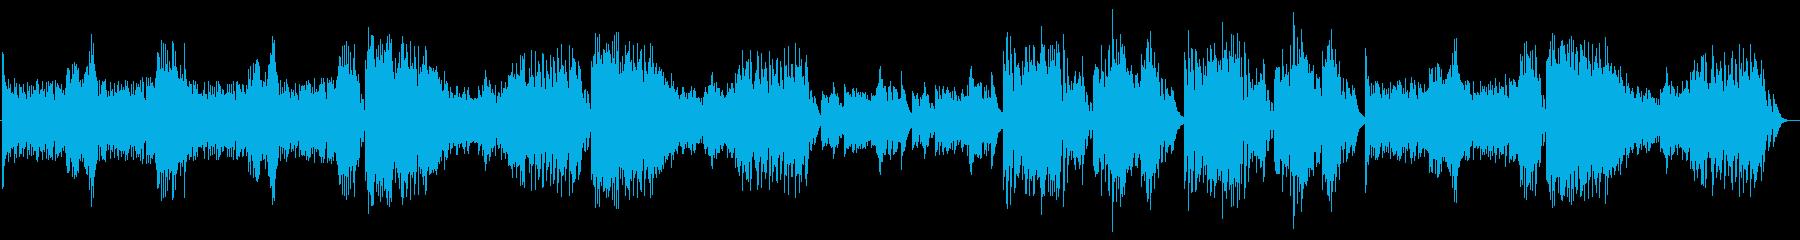 クイズやパズルにぴったりのピアノ曲の再生済みの波形